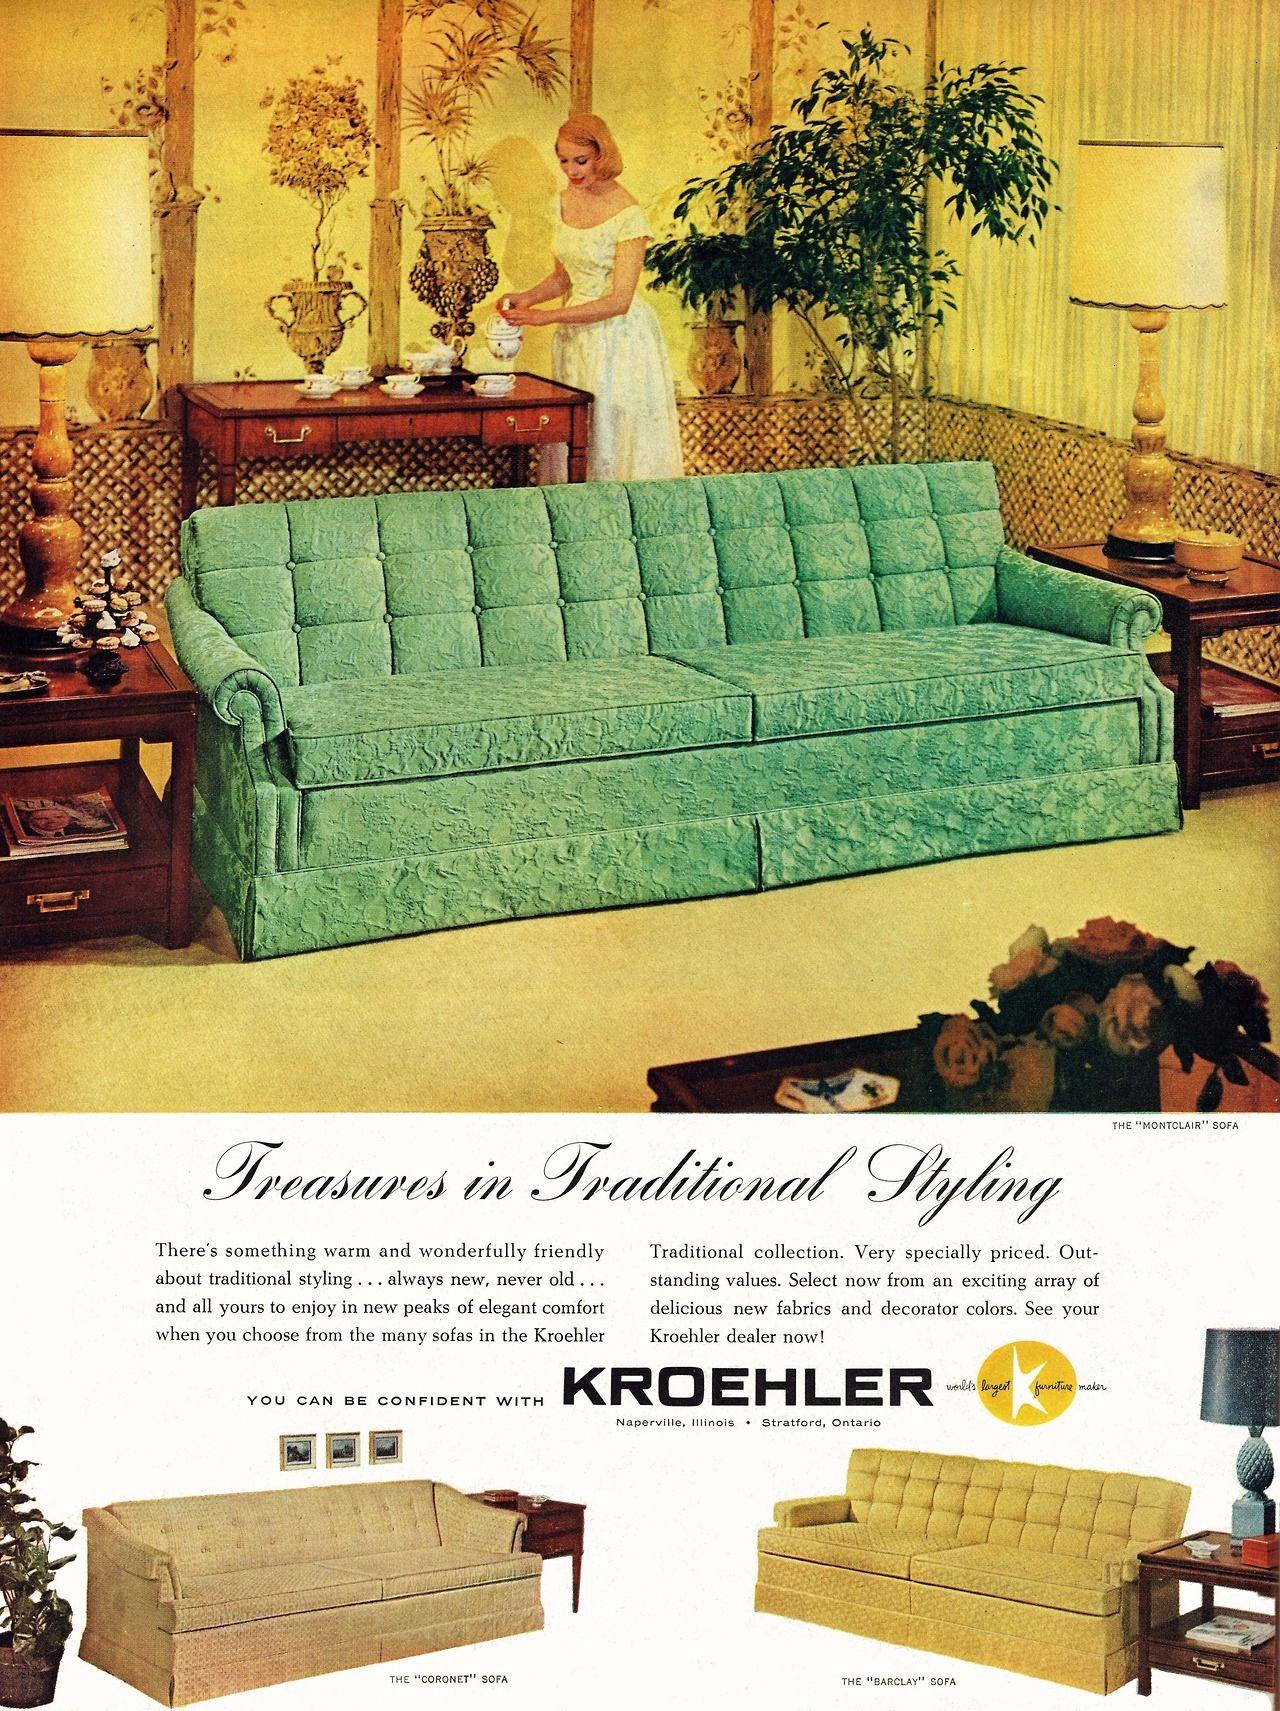 Remarkably Retro Kroehler Furniture 1959 Kroehler Furniture